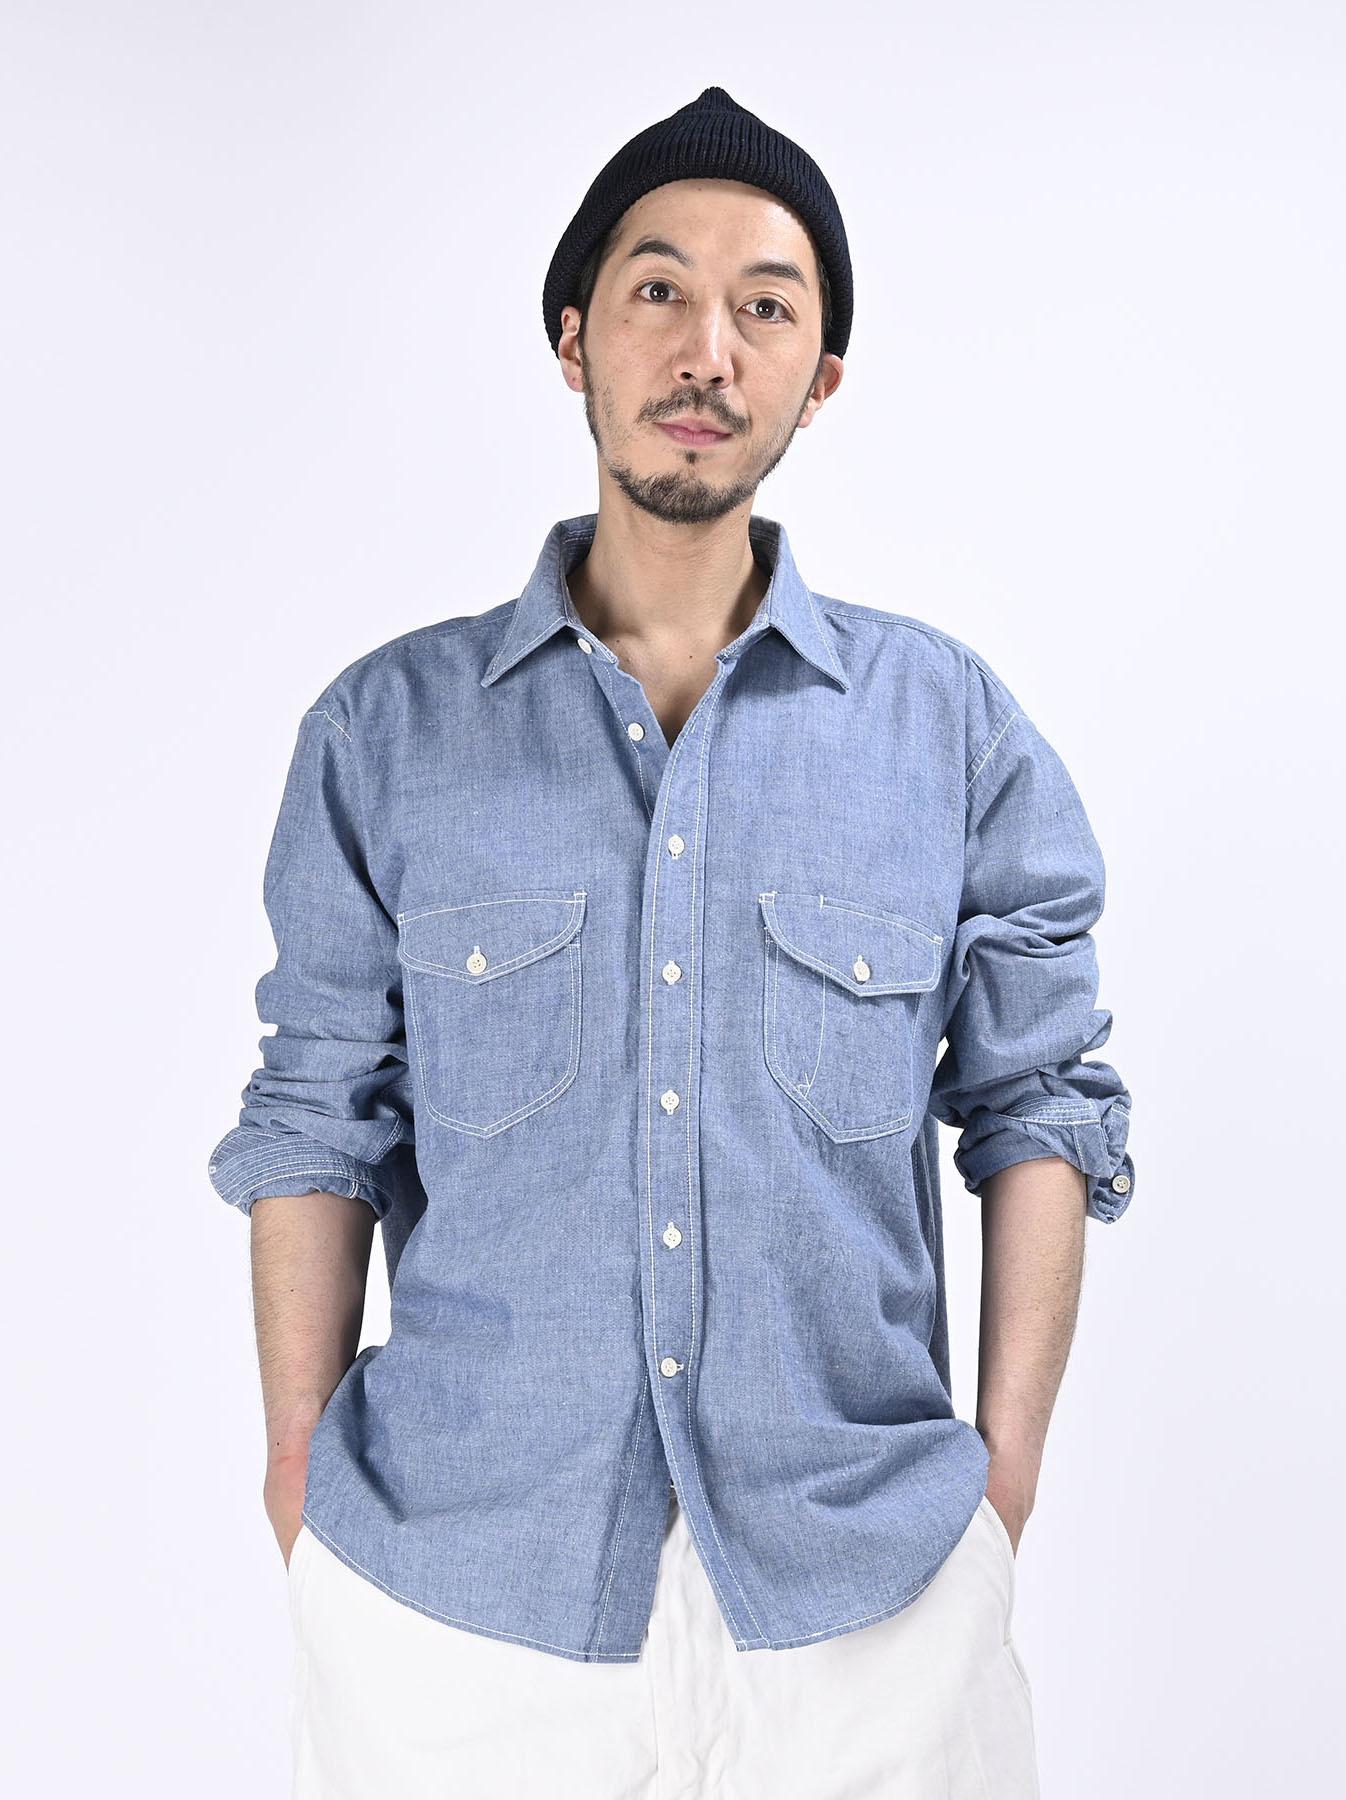 Okome-hira Dungaree 908 Ocean Work Shirt (0621)-4